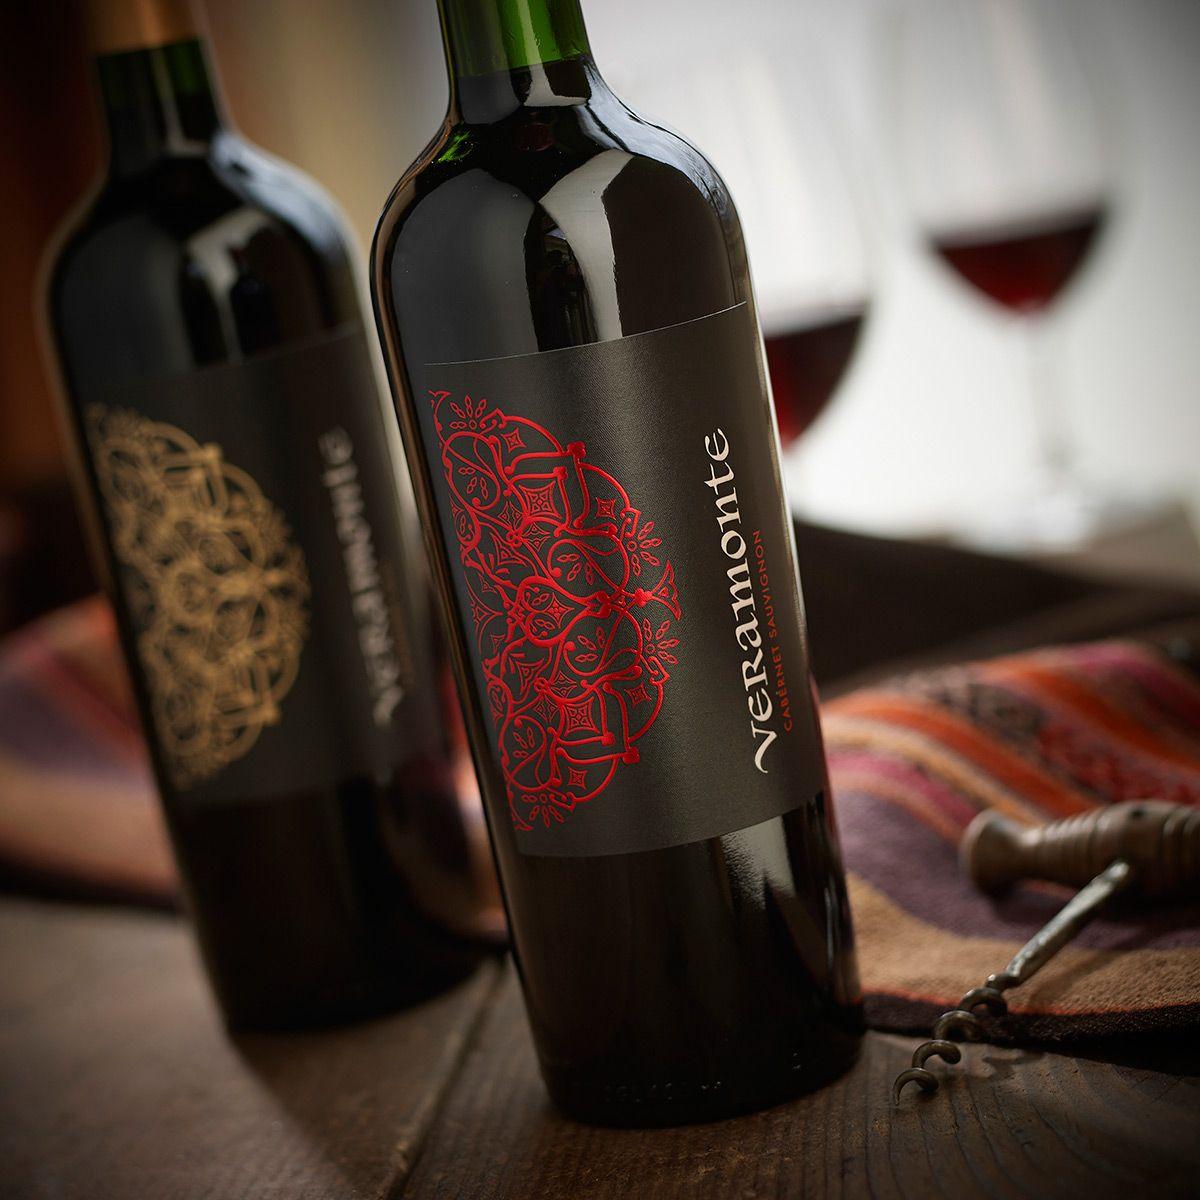 Veramonte Wines On Behance Wines Wine Bottle Bottle